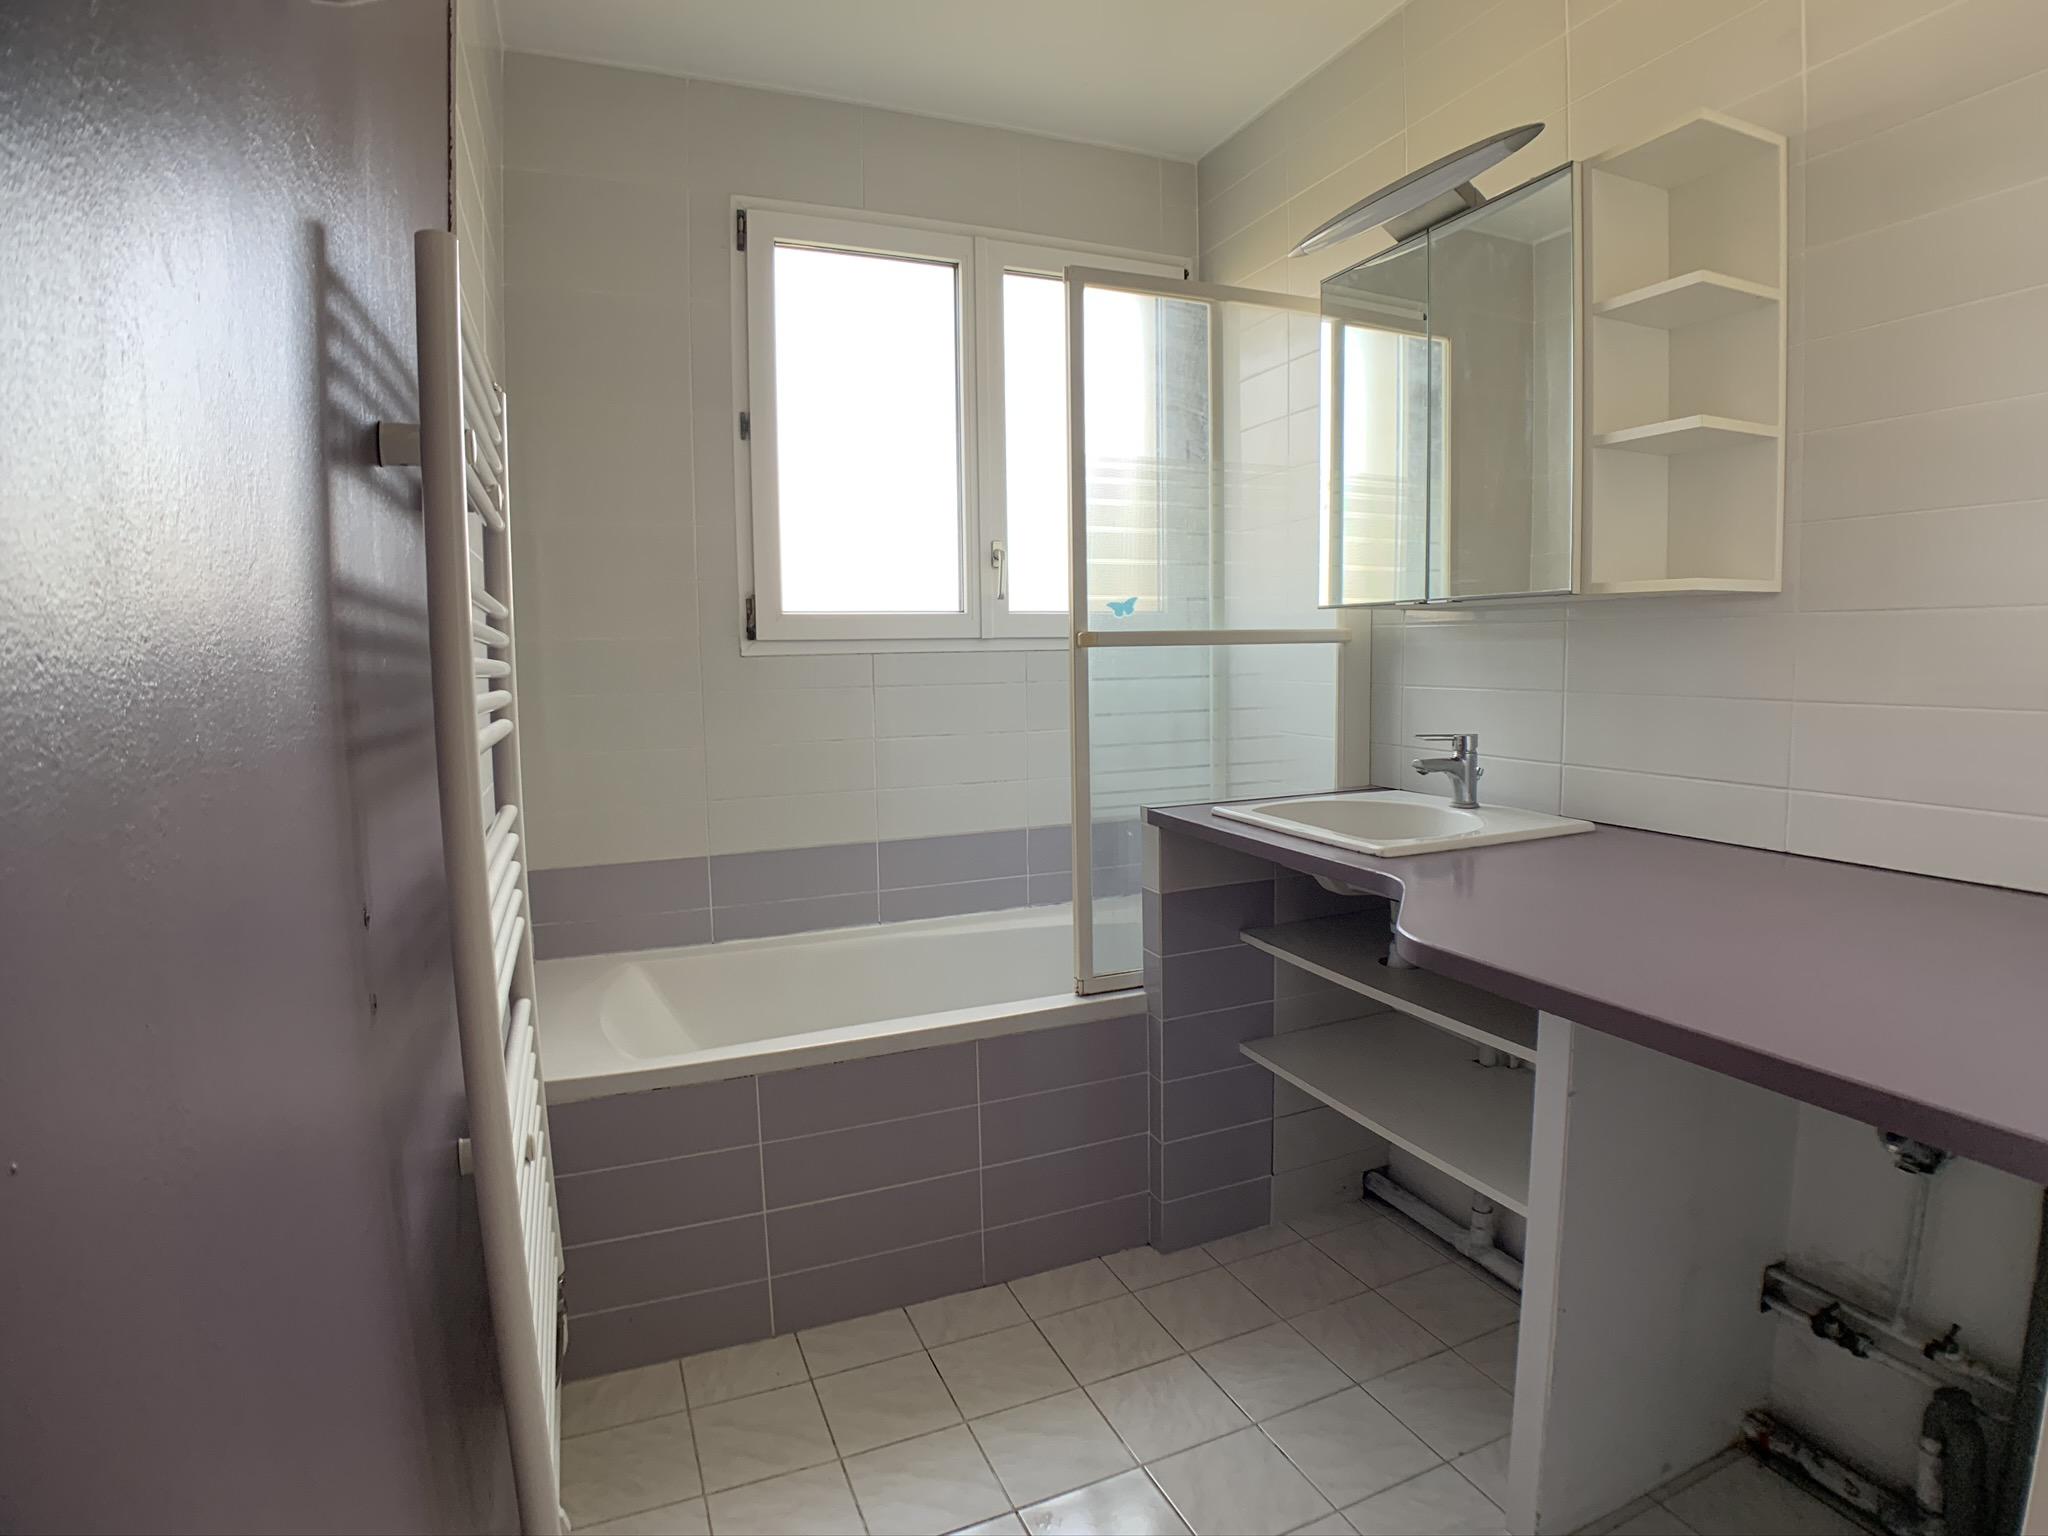 Salle de bains - Bois d'Arcy